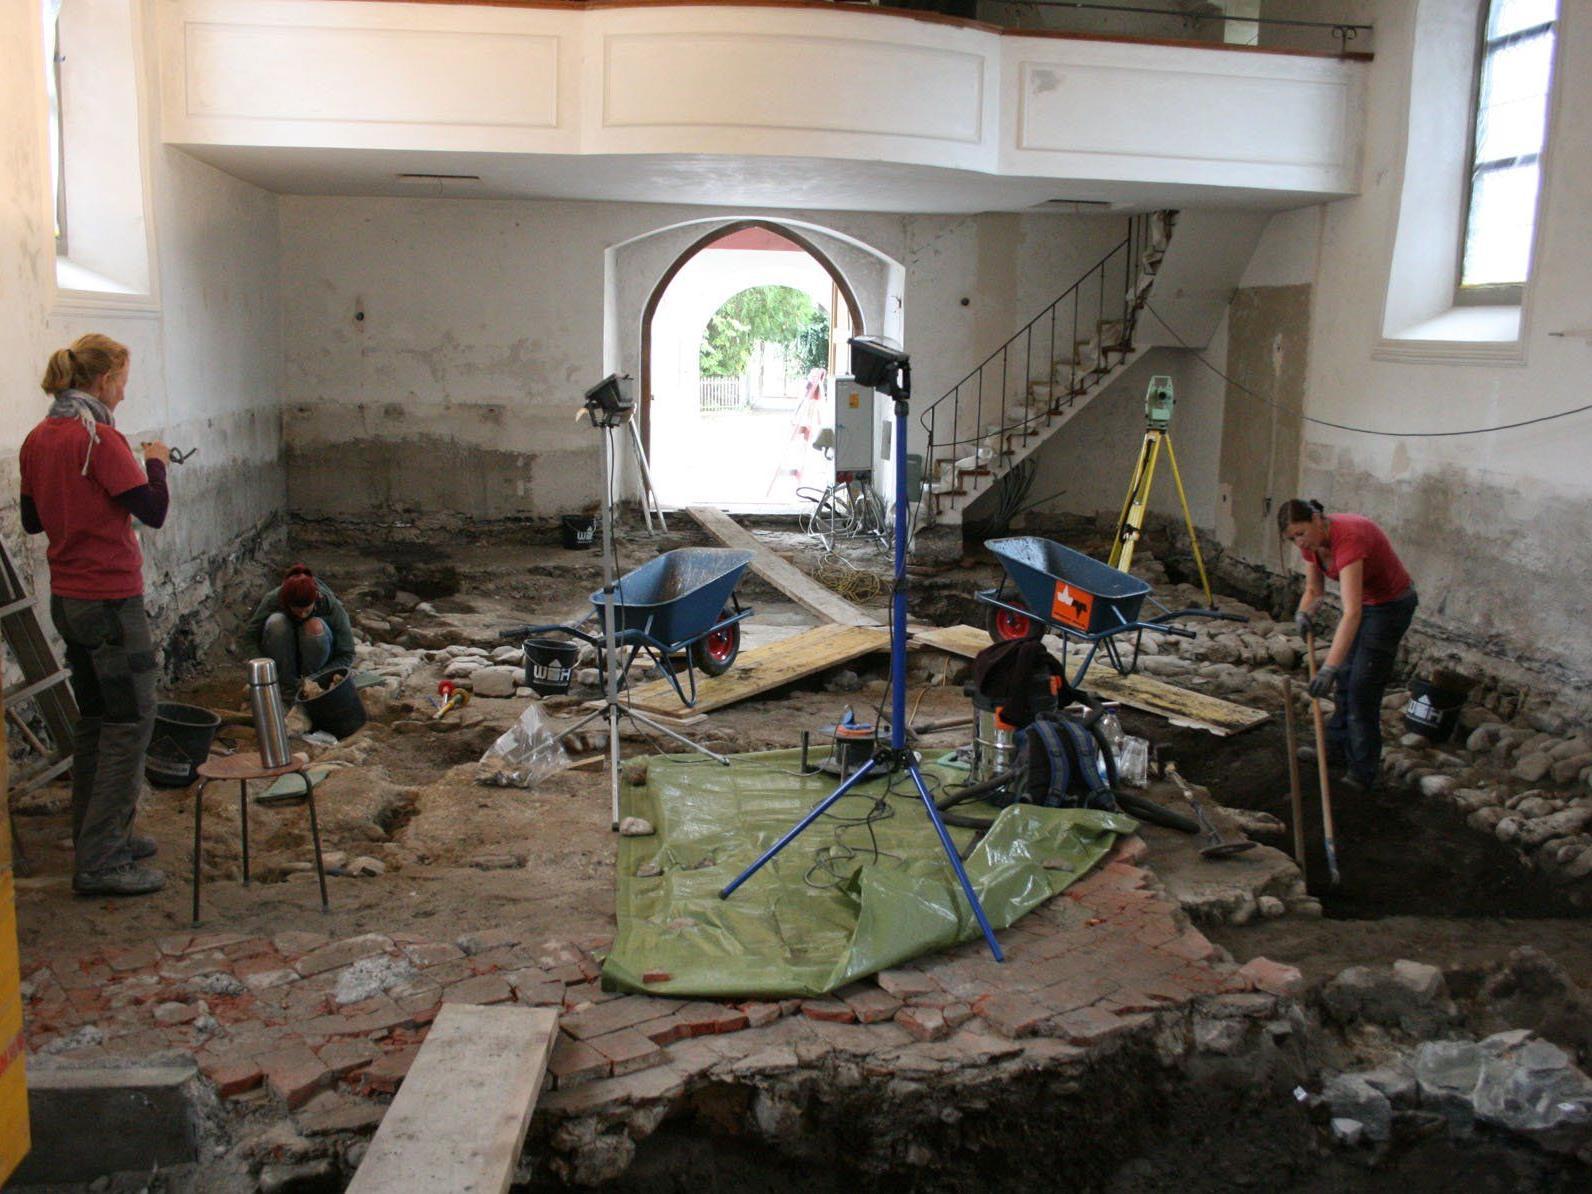 Beim Tag der offenen Grabung am Dienstag, 28. Oktober, ab 17.00 Uhr präsentieren Archäologen im Vinomnasaal die Ergebnisse der Grabungen in der St. Peter-Kirche.